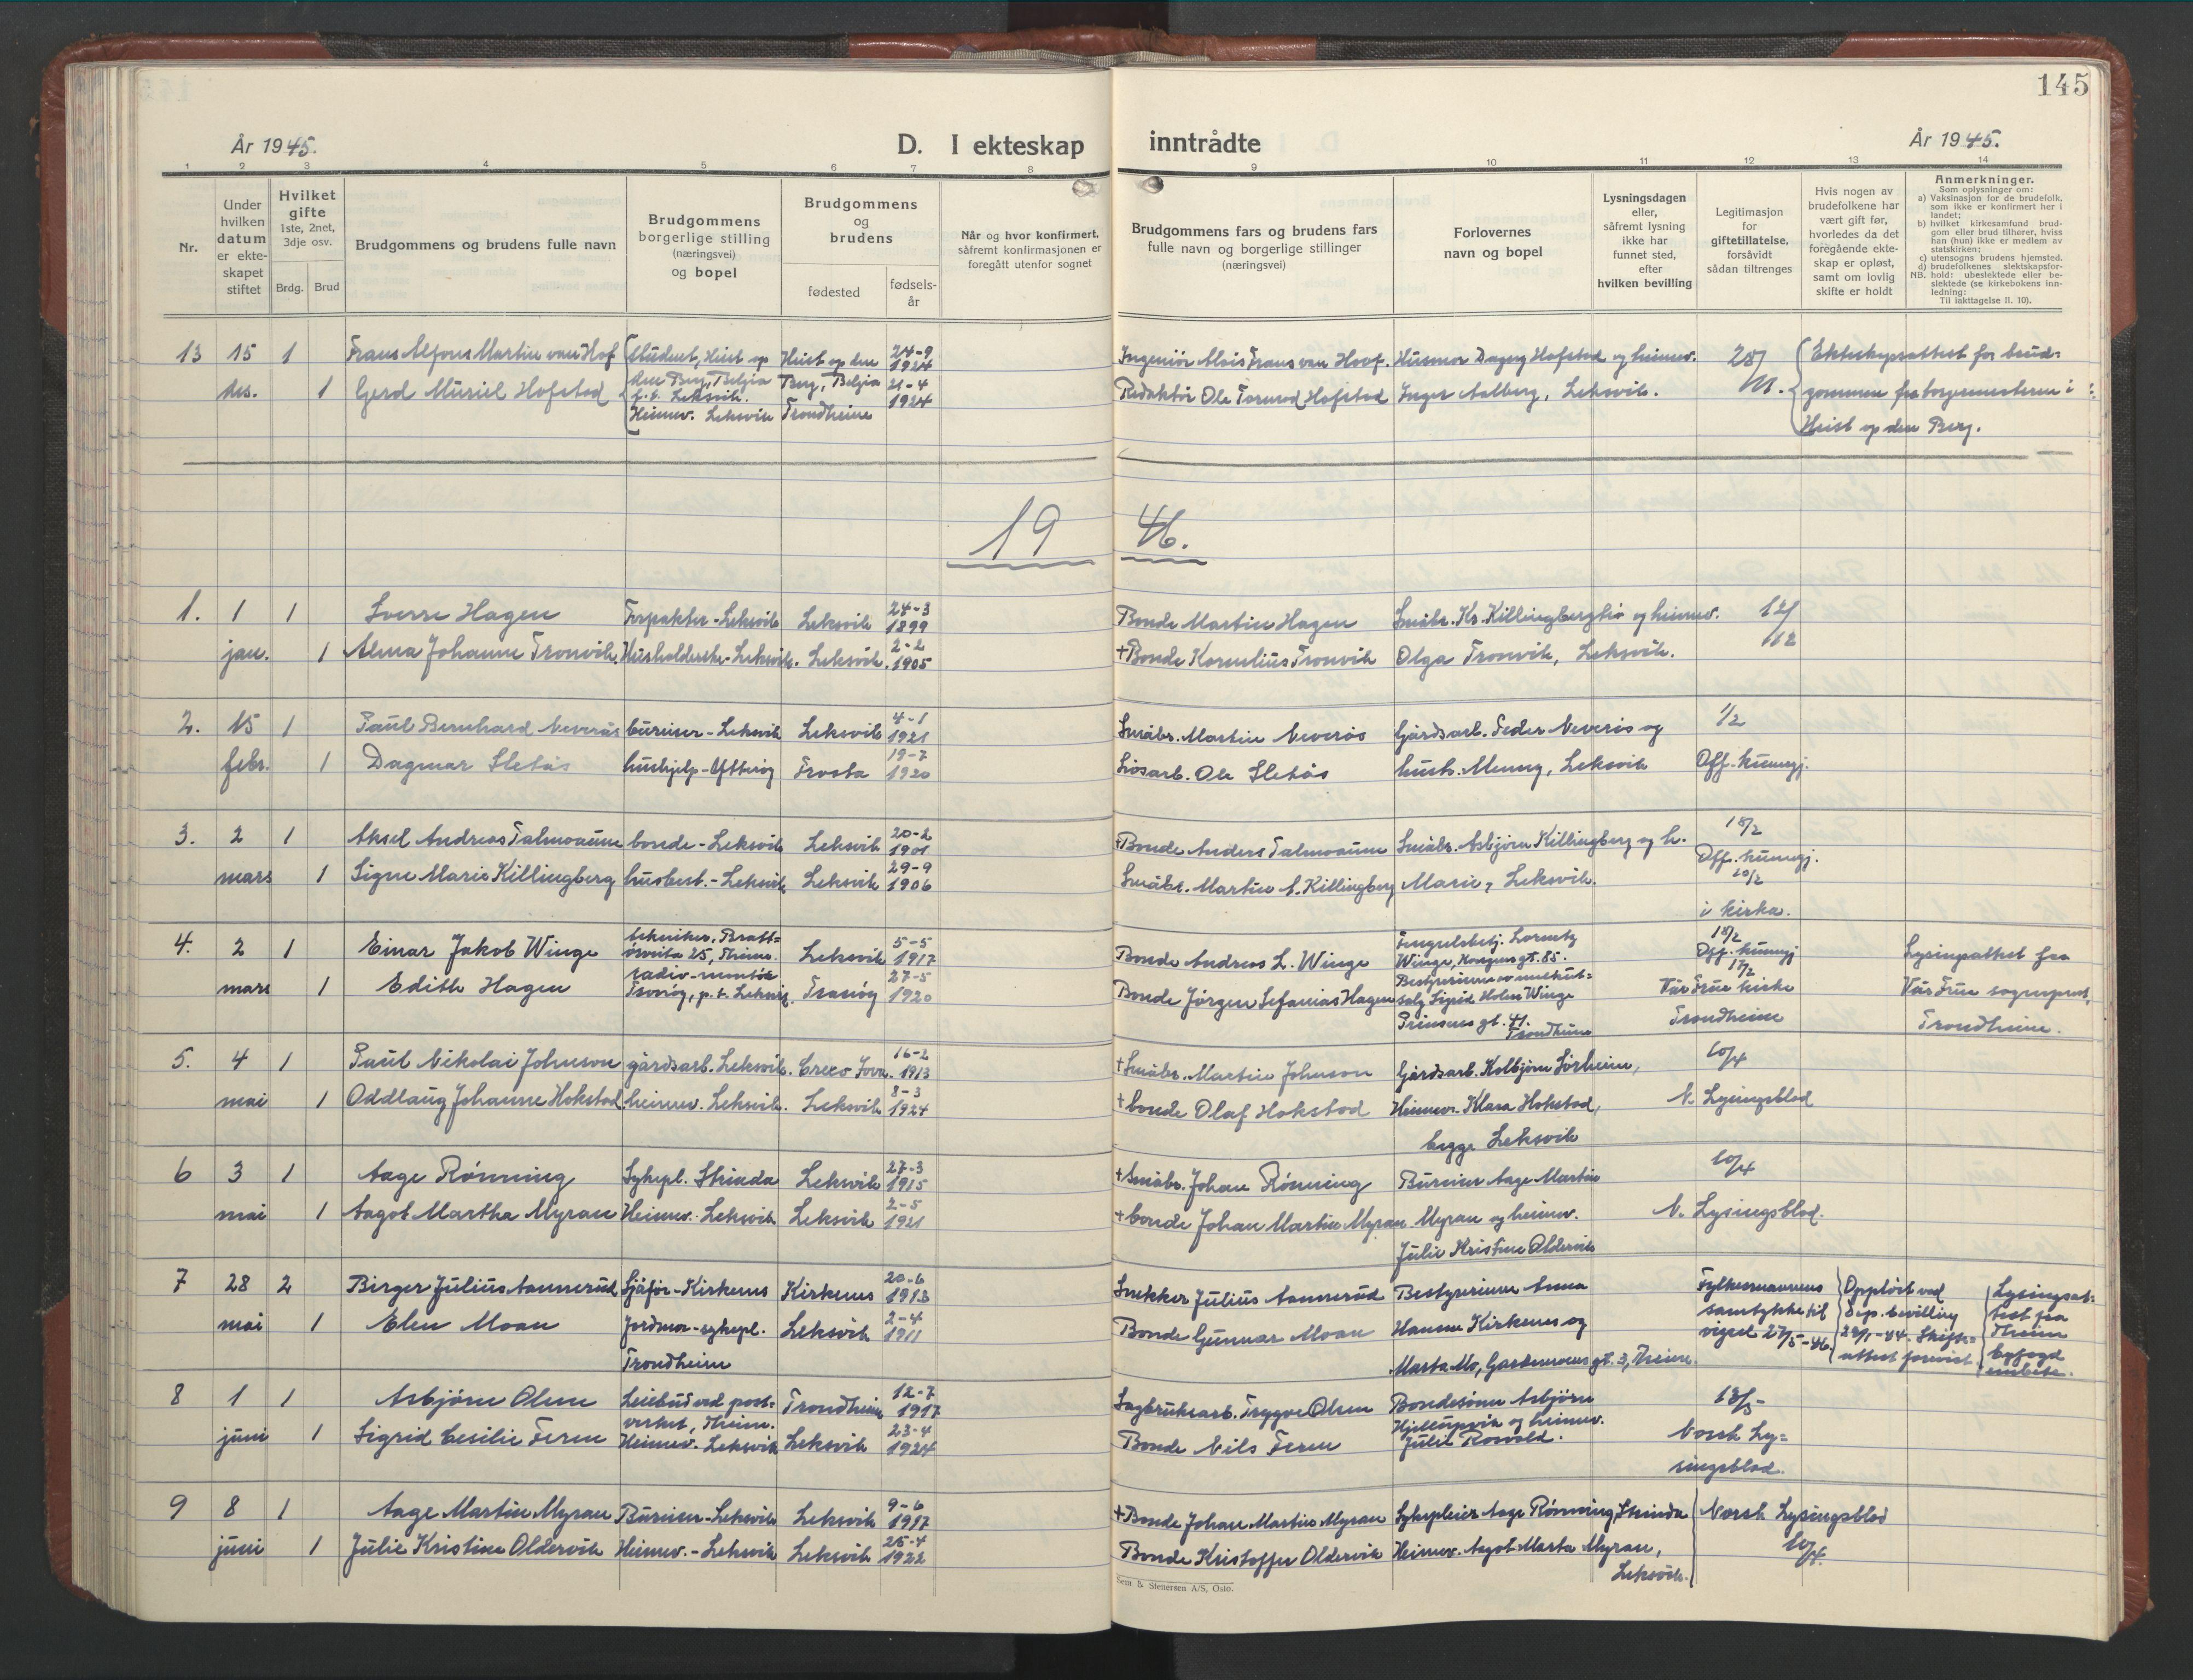 SAT, Ministerialprotokoller, klokkerbøker og fødselsregistre - Nord-Trøndelag, 701/L0019: Klokkerbok nr. 701C03, 1930-1953, s. 145